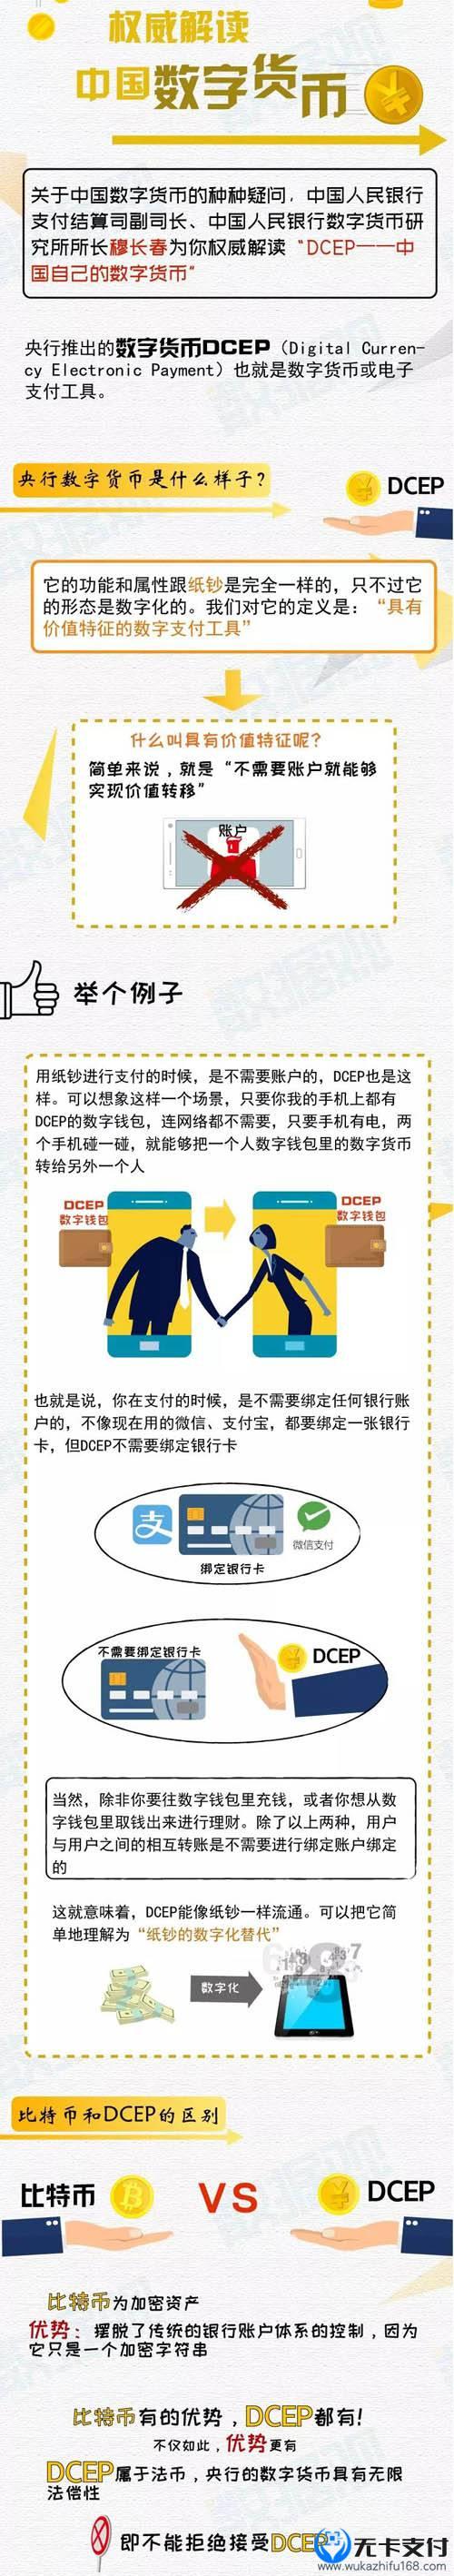 什么是数字人民币?图解数字货币和传统纸币的区别!(图2)